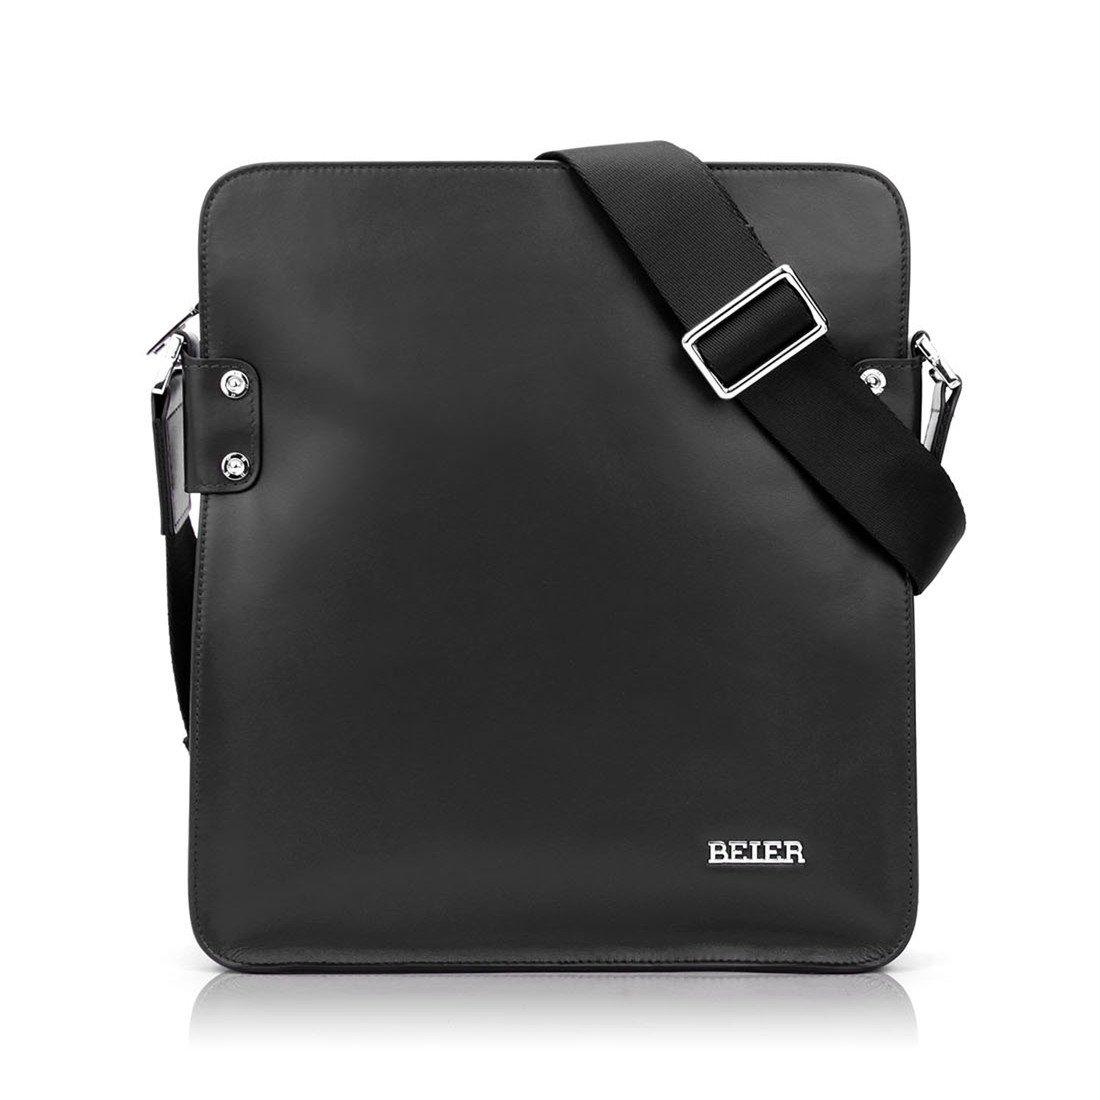 BEIER Bellトップレイヤーレザーハイエンドショルダーバッグブティックメンズヨーロッパおよびアメリカのファッション男性カジュアル対角線バッグのビジネスバッグ韓国語バージョン(yaブラック)